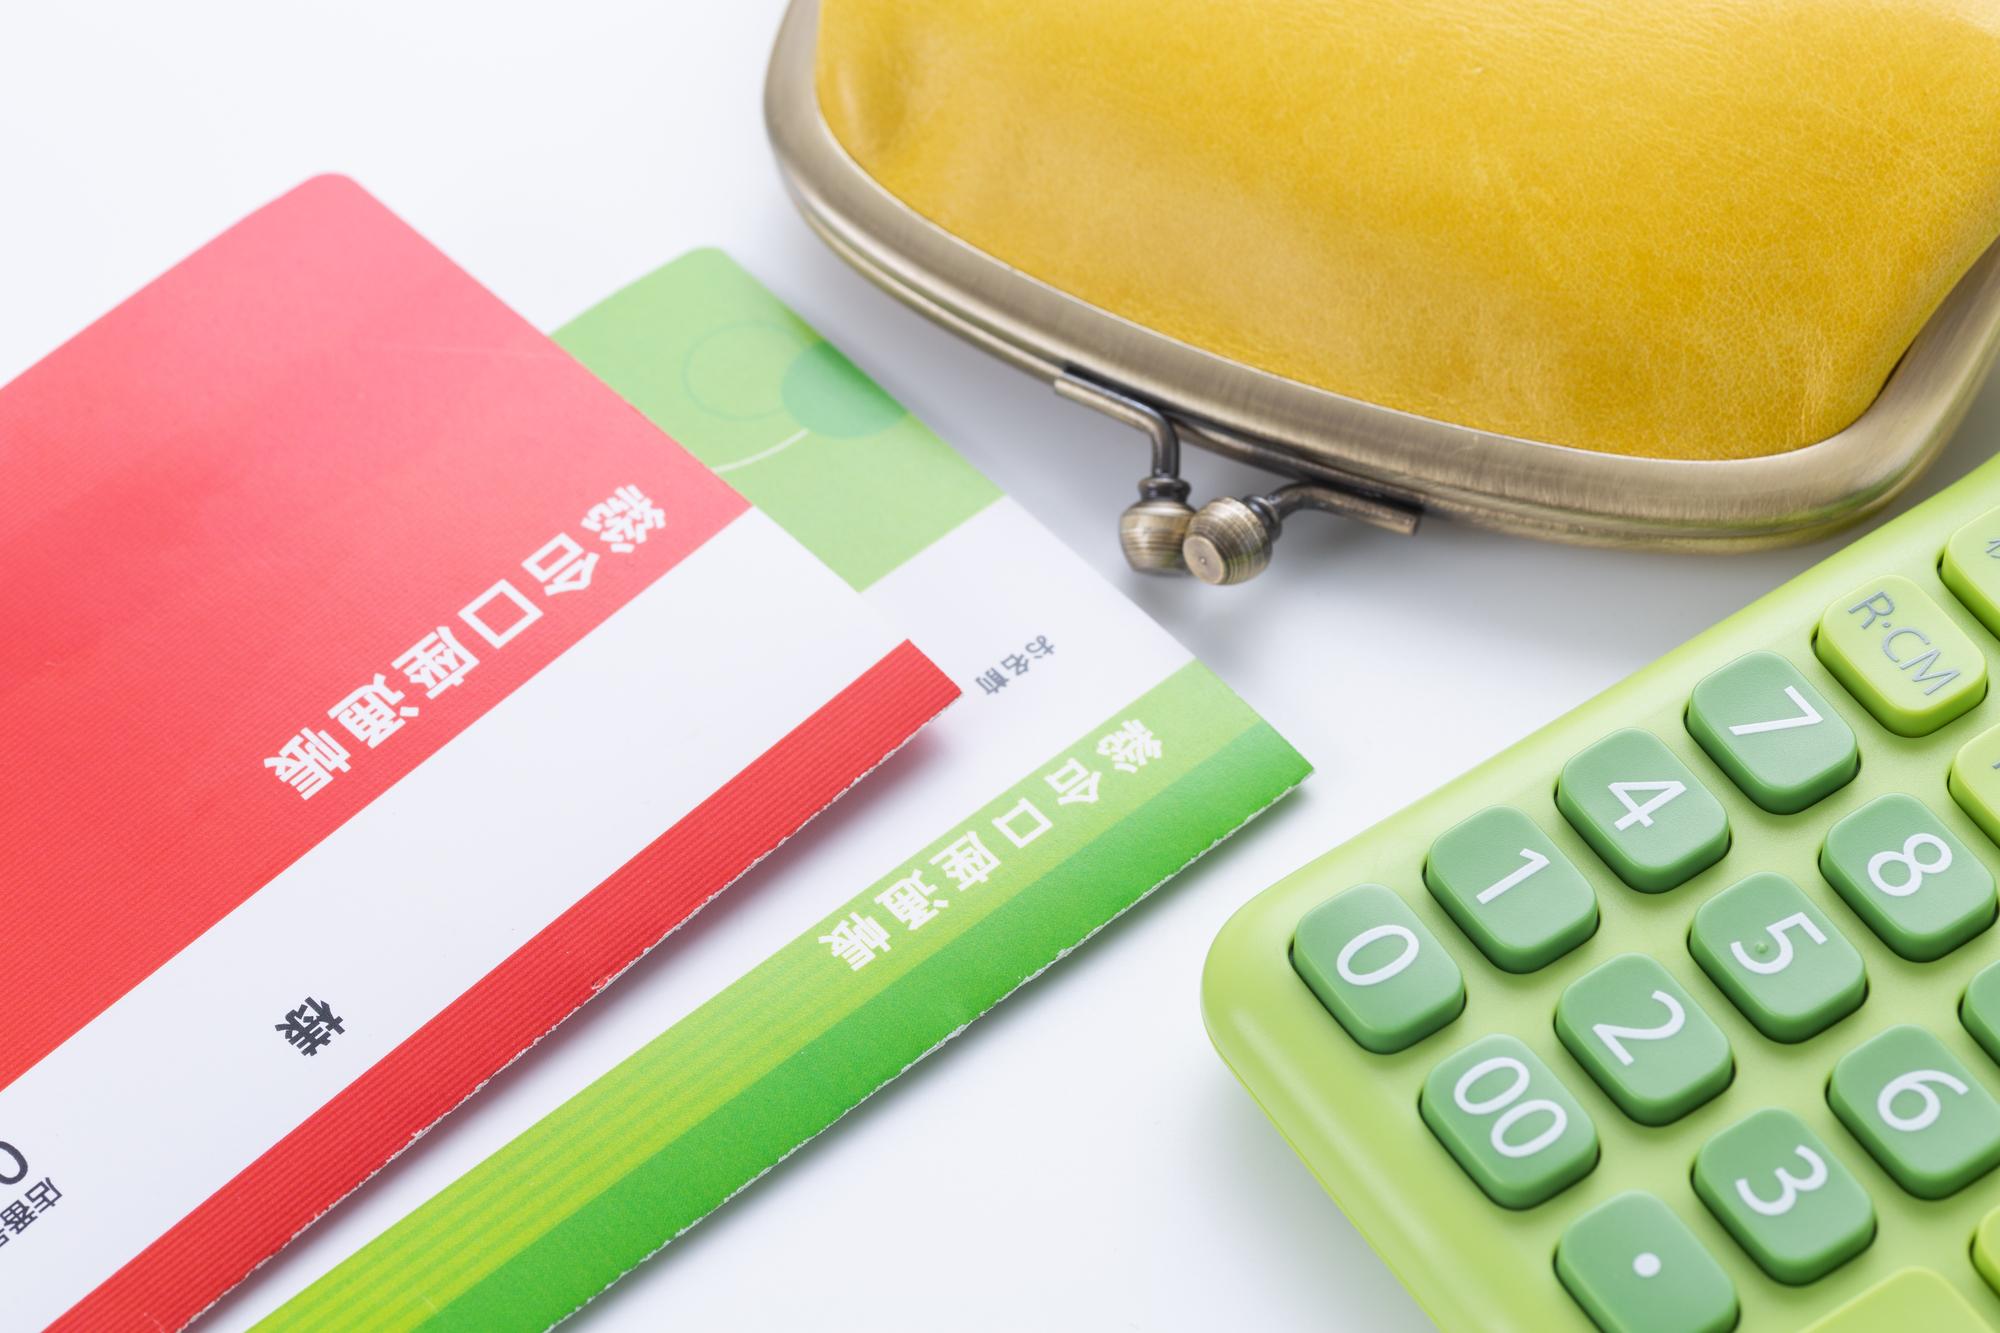 親の財産管理は要注意!親族間でギクシャクしないための工夫を解説 - 相続オナヤミ相談 花沢事務所